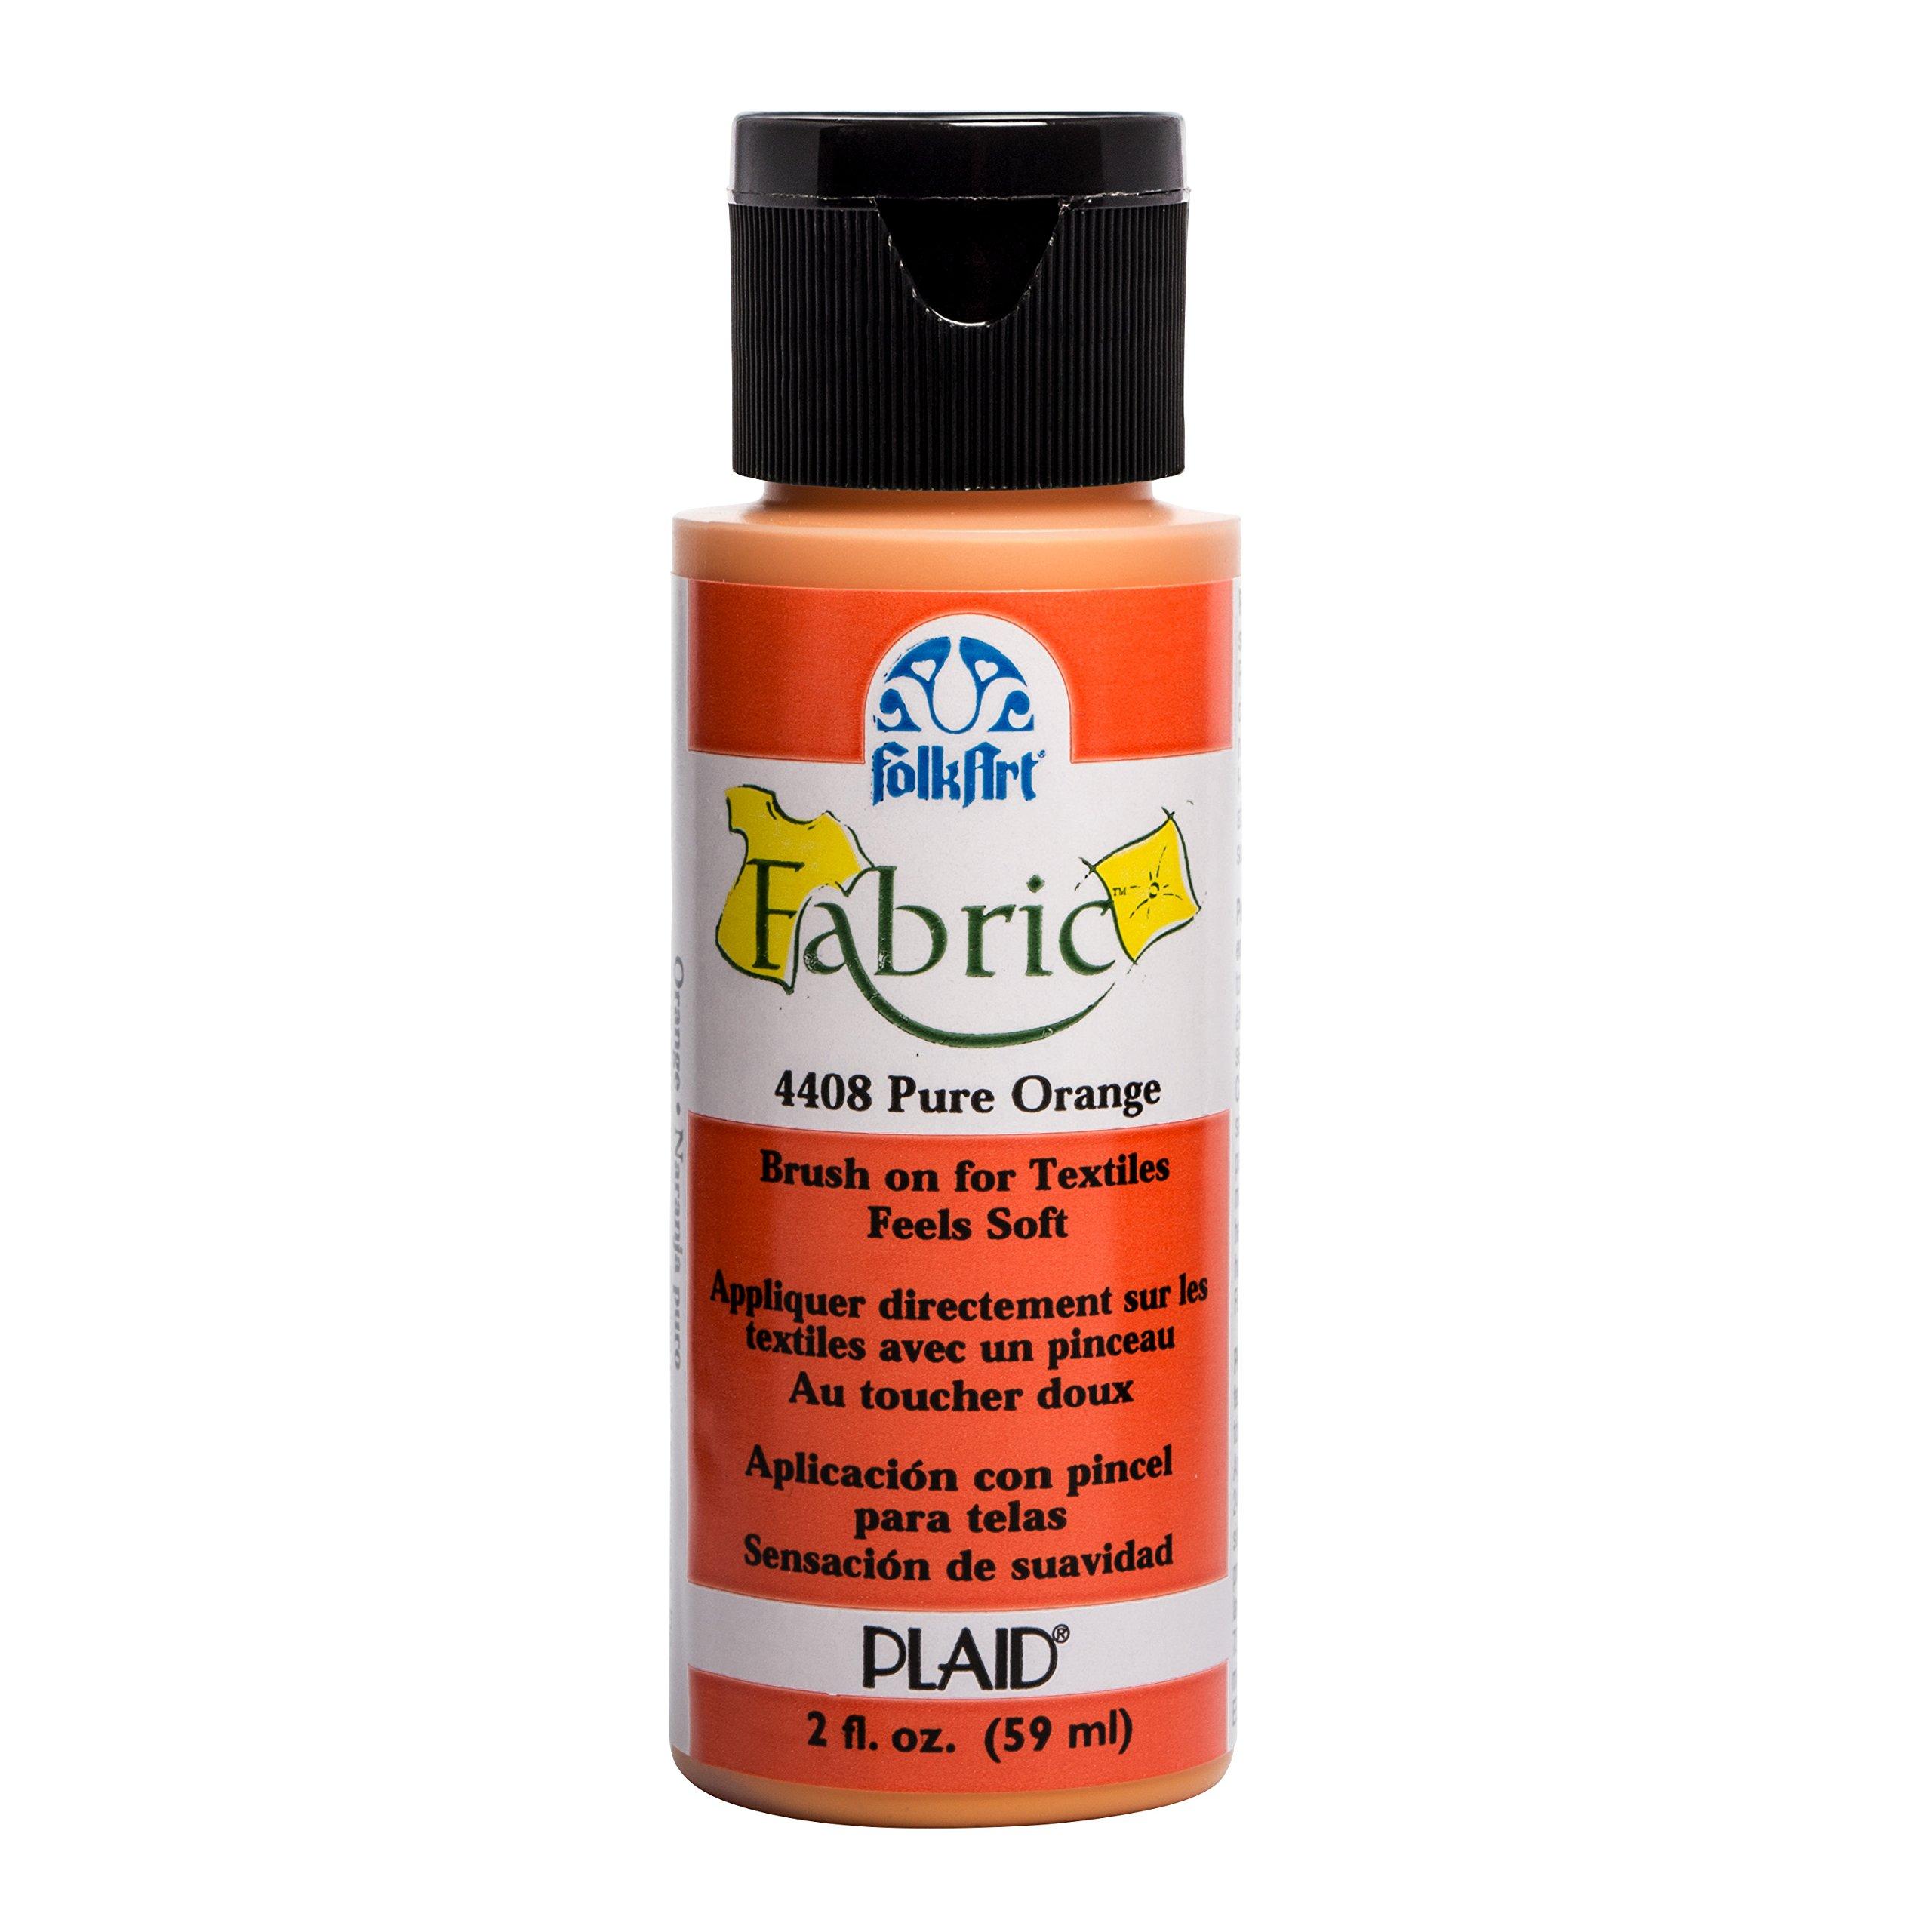 FolkArt 4408 Fabric Brush On Acrylic Paint, 2 oz, Pure Orange